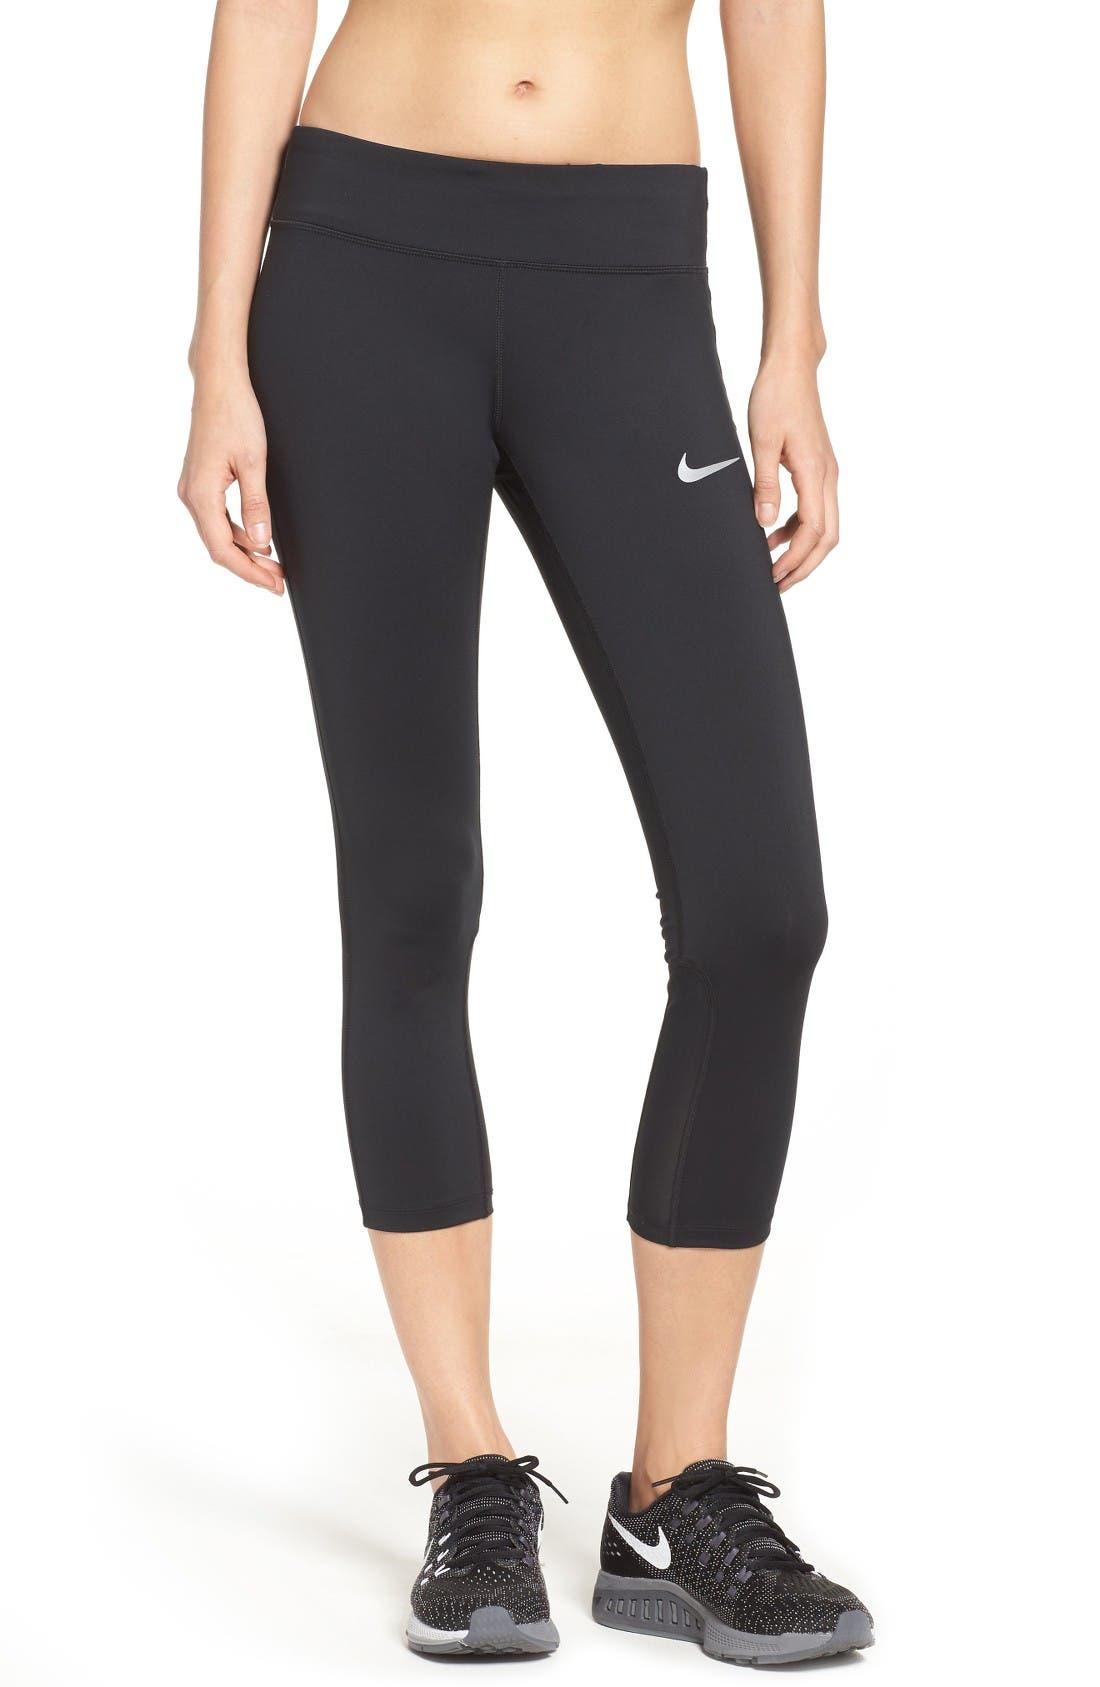 Nike Power Epic Run Crop Tights